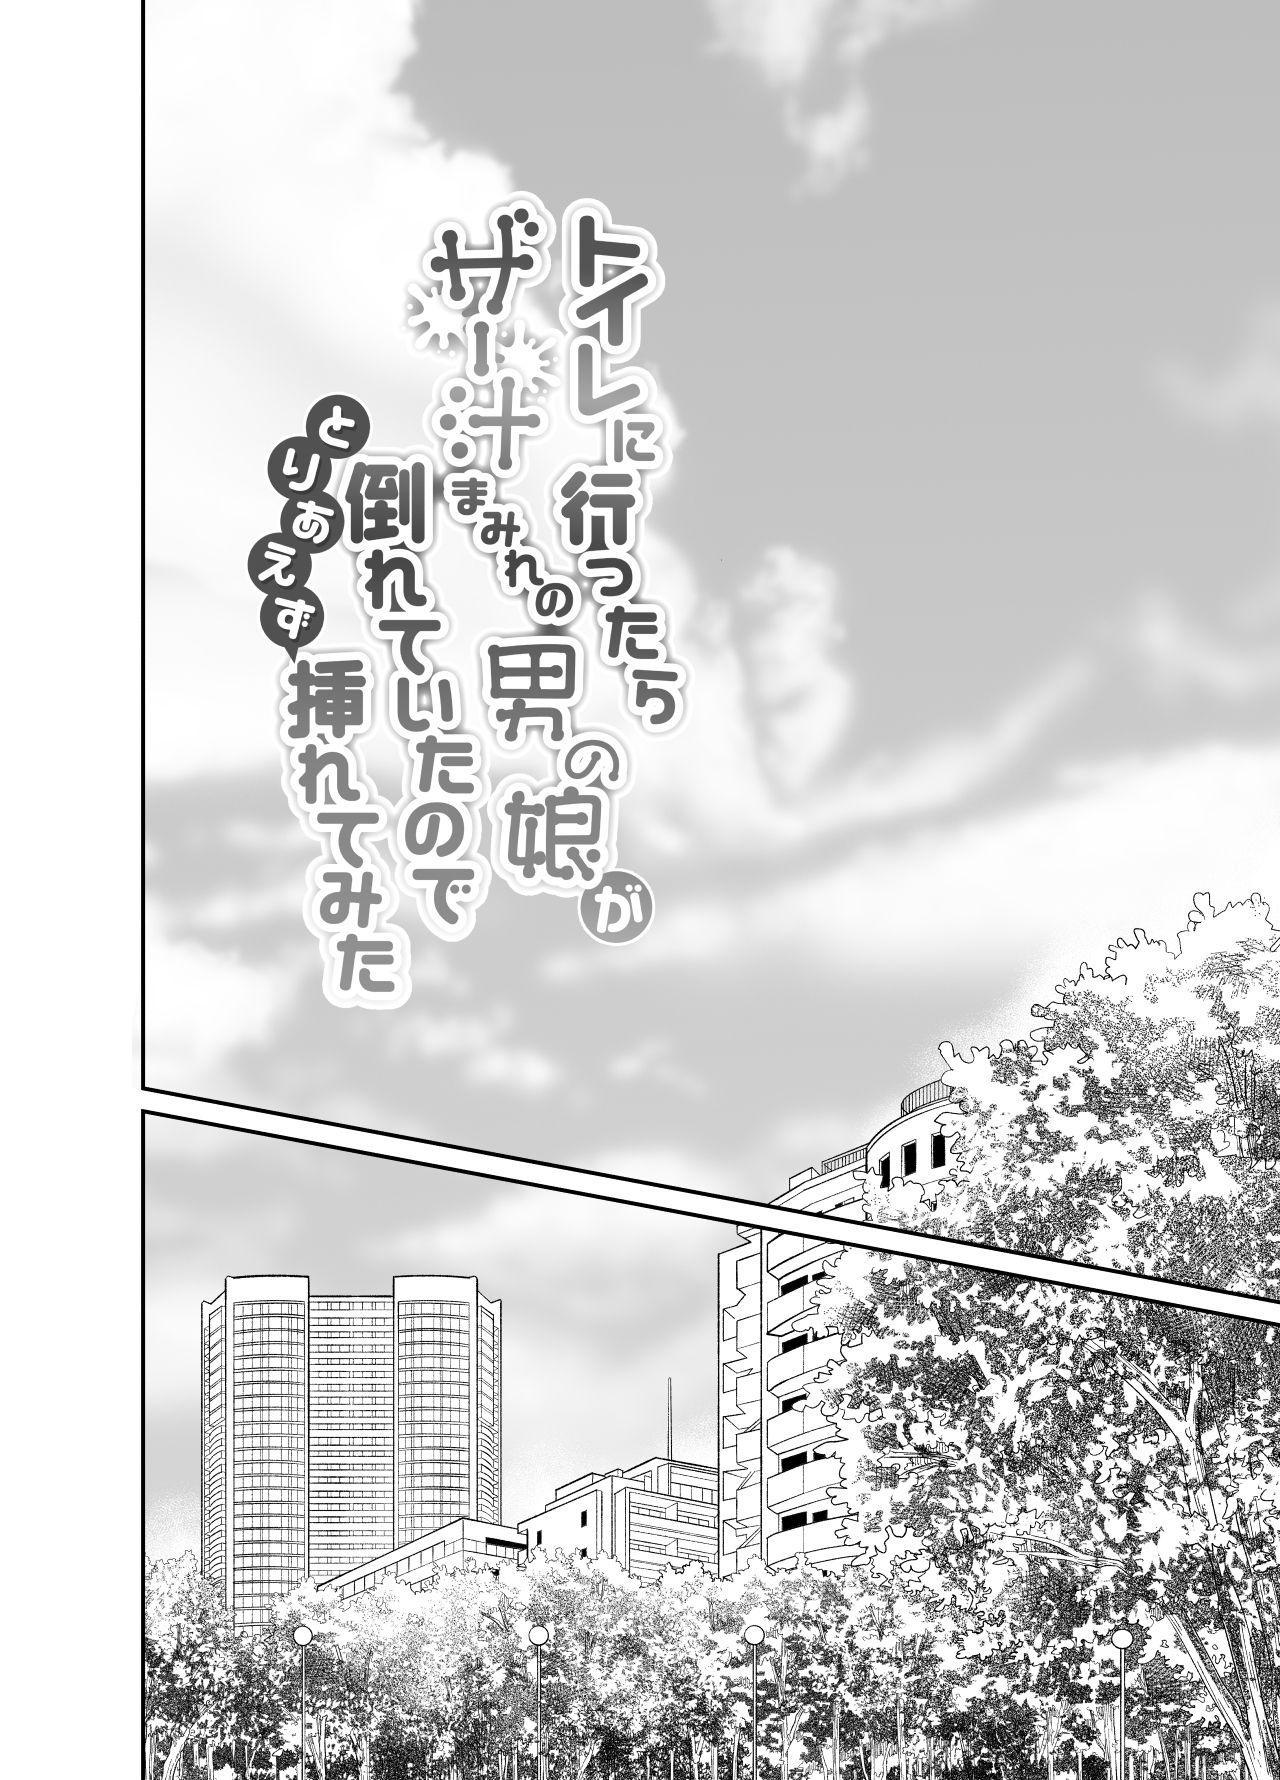 Toilet ni Ittara SeJiru Mamire no Otokonoko ga Taorete Ita no de Toriaezu Irete Mita 2